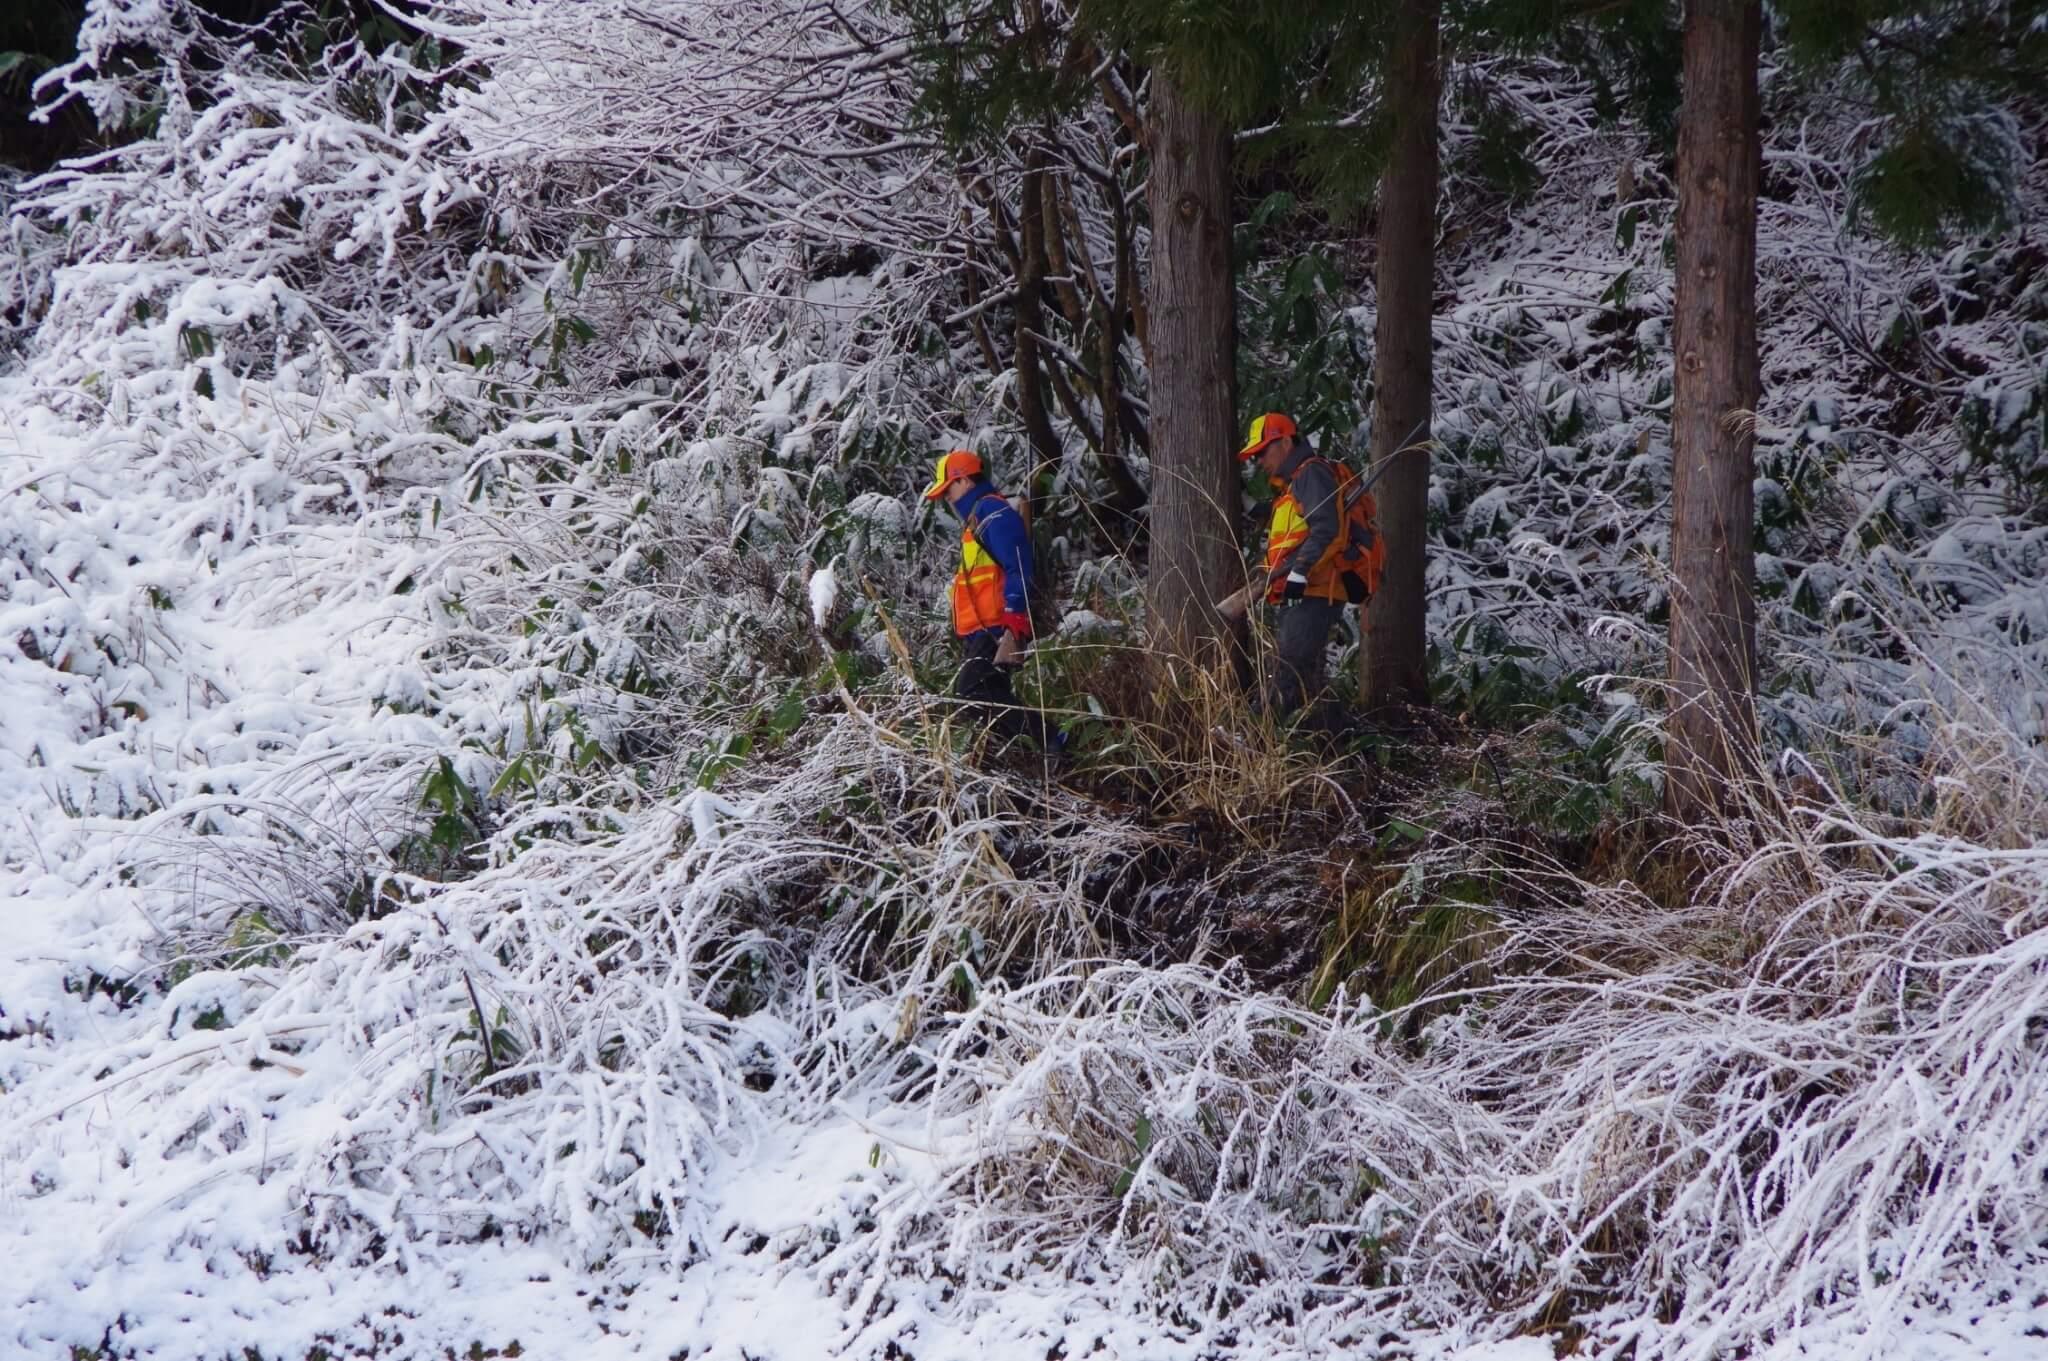 福島県昭和村の猟師の姿